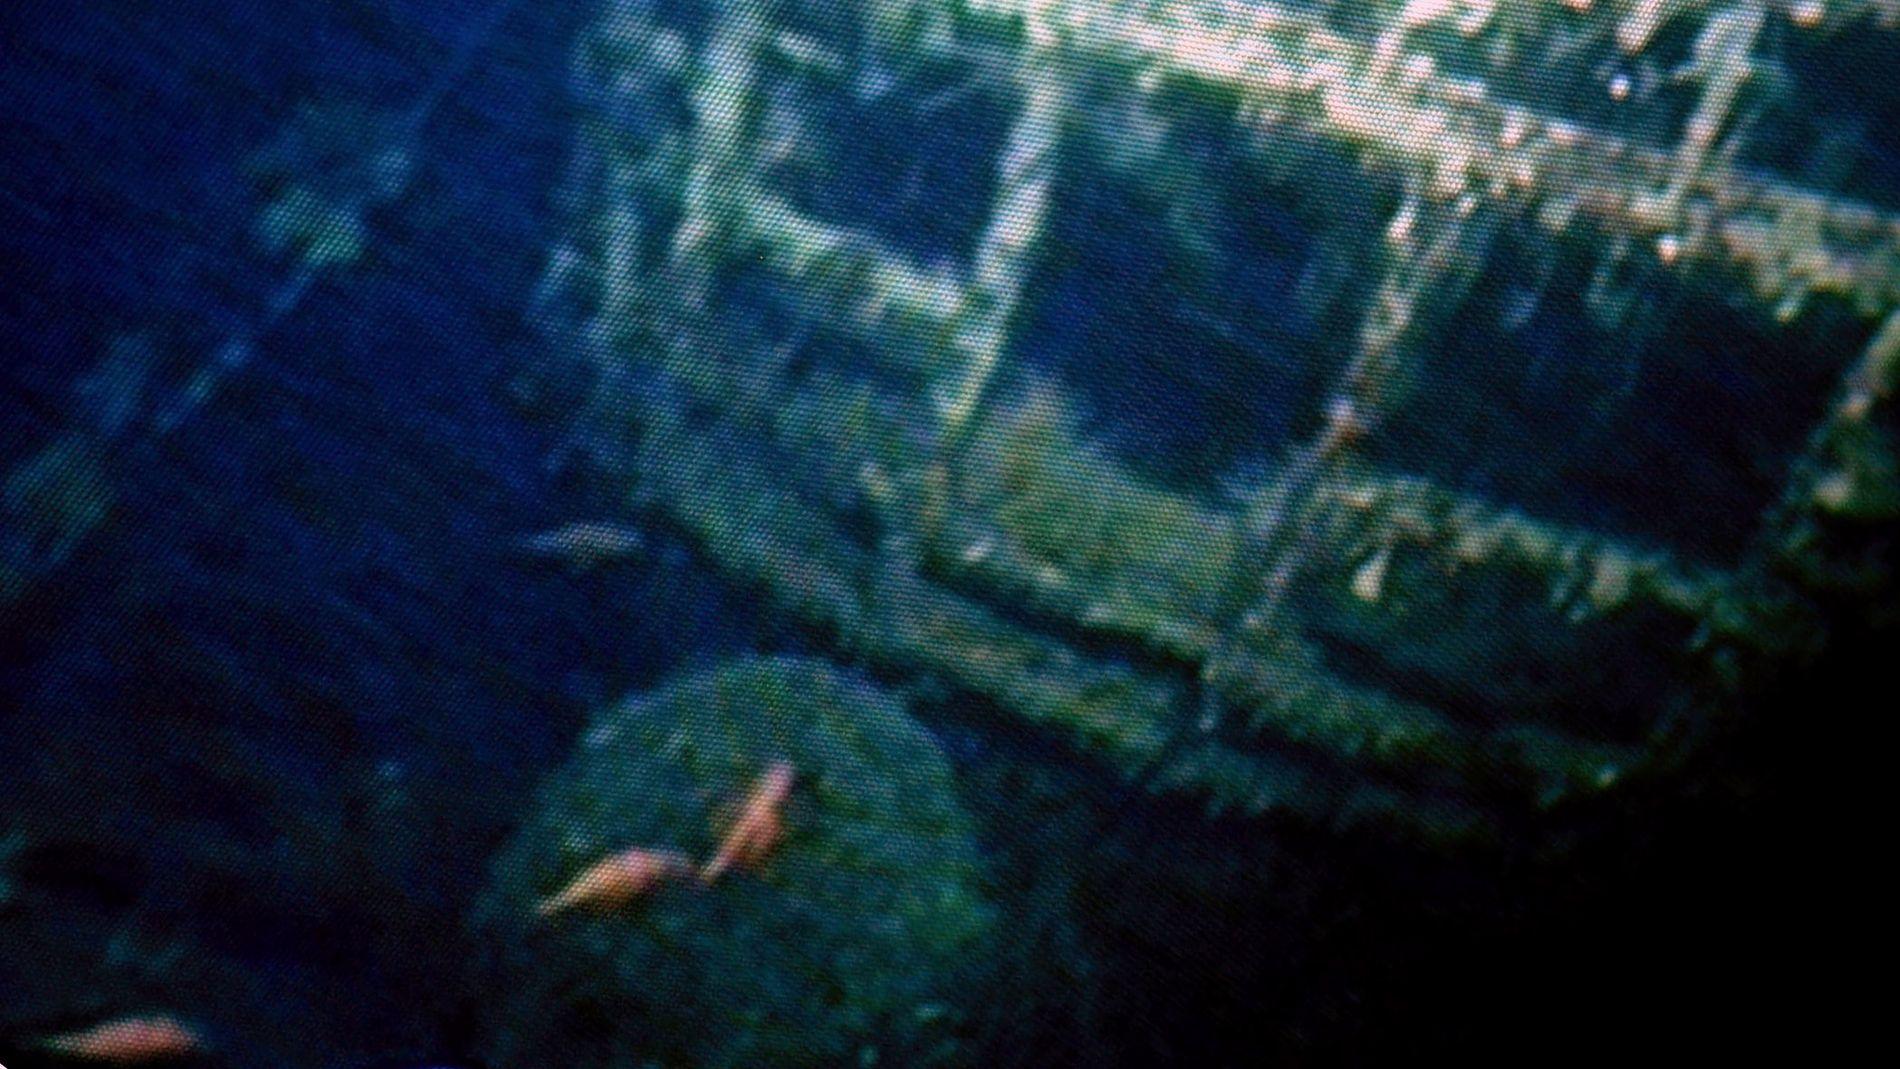 ENDTE HER: U-864 var på vei til Japan da den ble torpedert av den britiske ubåten HMS «Venturer» 9. februar 1945. Vraket ligger på 150 meters dyp, to nautiske mil vest for Fedje.